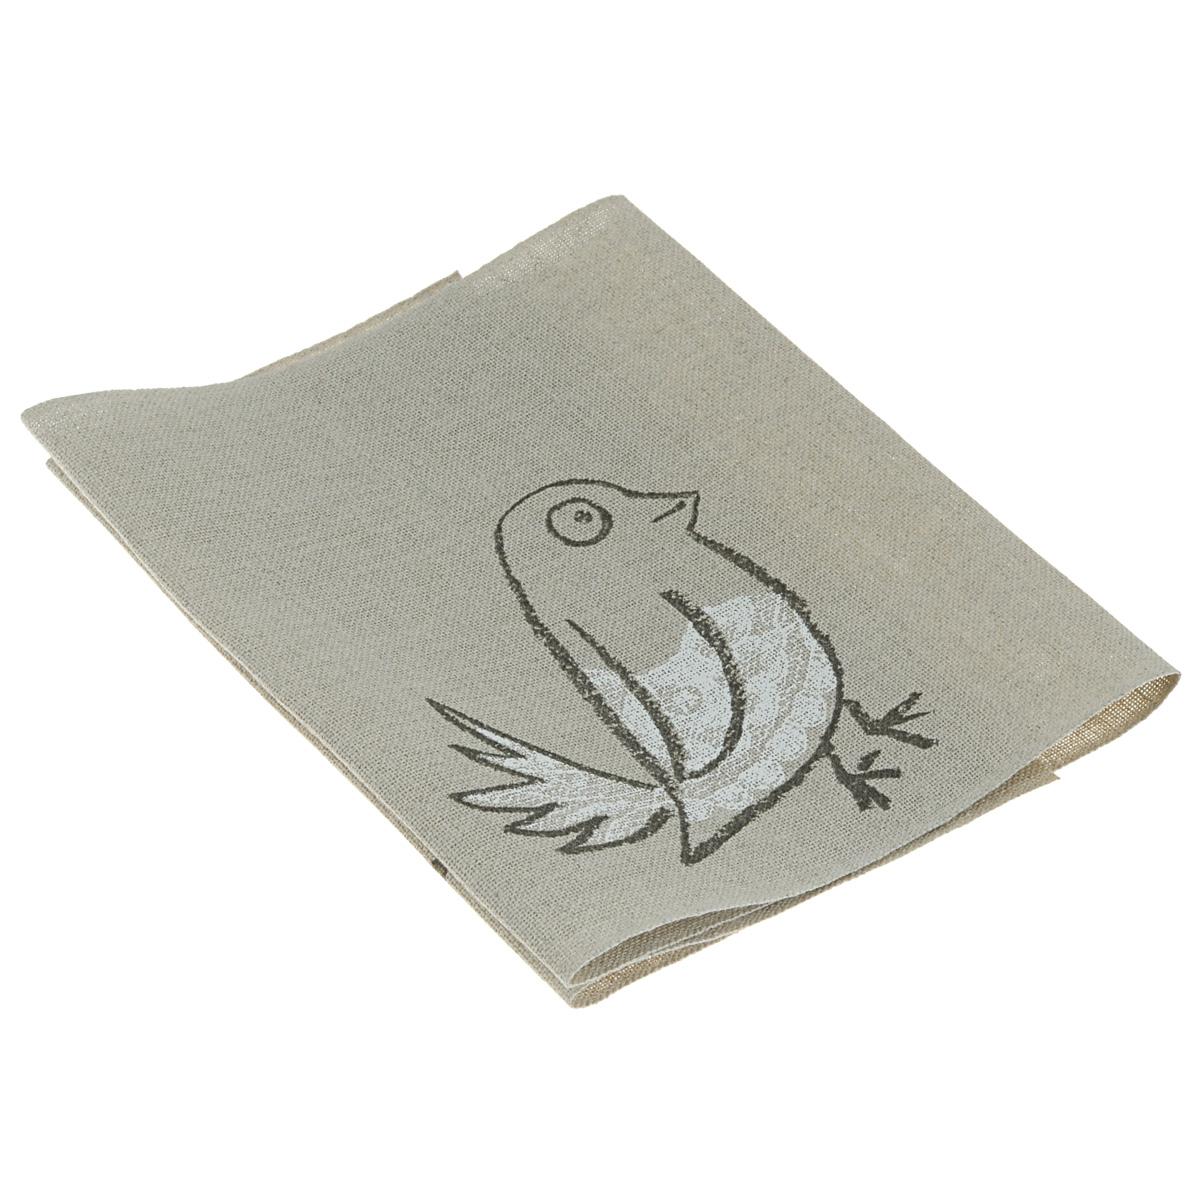 Основа для вышивания крестом или гладью Vaupel & Heilenbeck, с рисунком, цвет: льняной, 20 см х 63 см7044-200-90128Основа для вышивания крестом или гладью Vaupel & Heilenbeck представляет собой 11-ти ниточную дорожку, выполненную из 100% льна. Дорожка декорирована изображением двух птиц, смотрящих друг на друга. Воплотите свои идеи на этой основе для вышивания! Дорожка, украшенная своими руками, дополнит интерьер любого помещения, а также сможет стать изысканным подарком для ваших друзей и близких. УВАЖАЕМЫЕ КЛИЕНТЫ! Обращаем ваше внимание, что в комплектацию товара входит только основа, остальные предметы служат лишь для визуального восприятия товара.